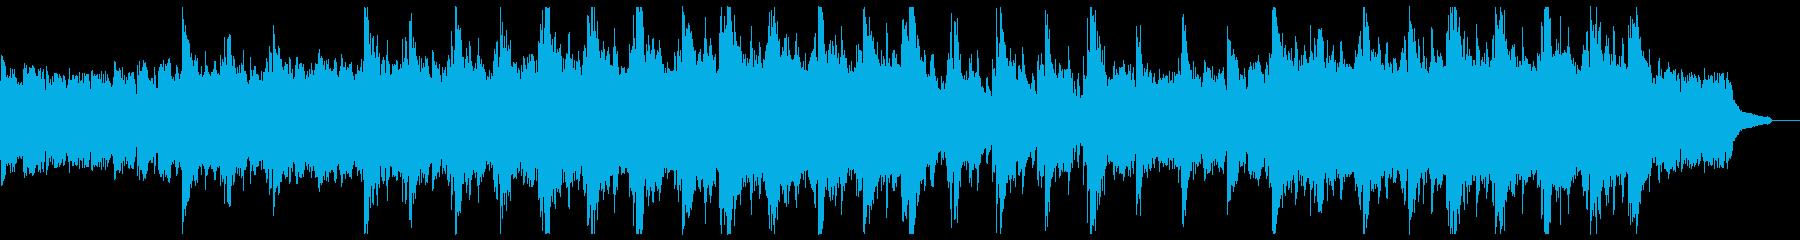 雄大なピアノアルペジオの再生済みの波形